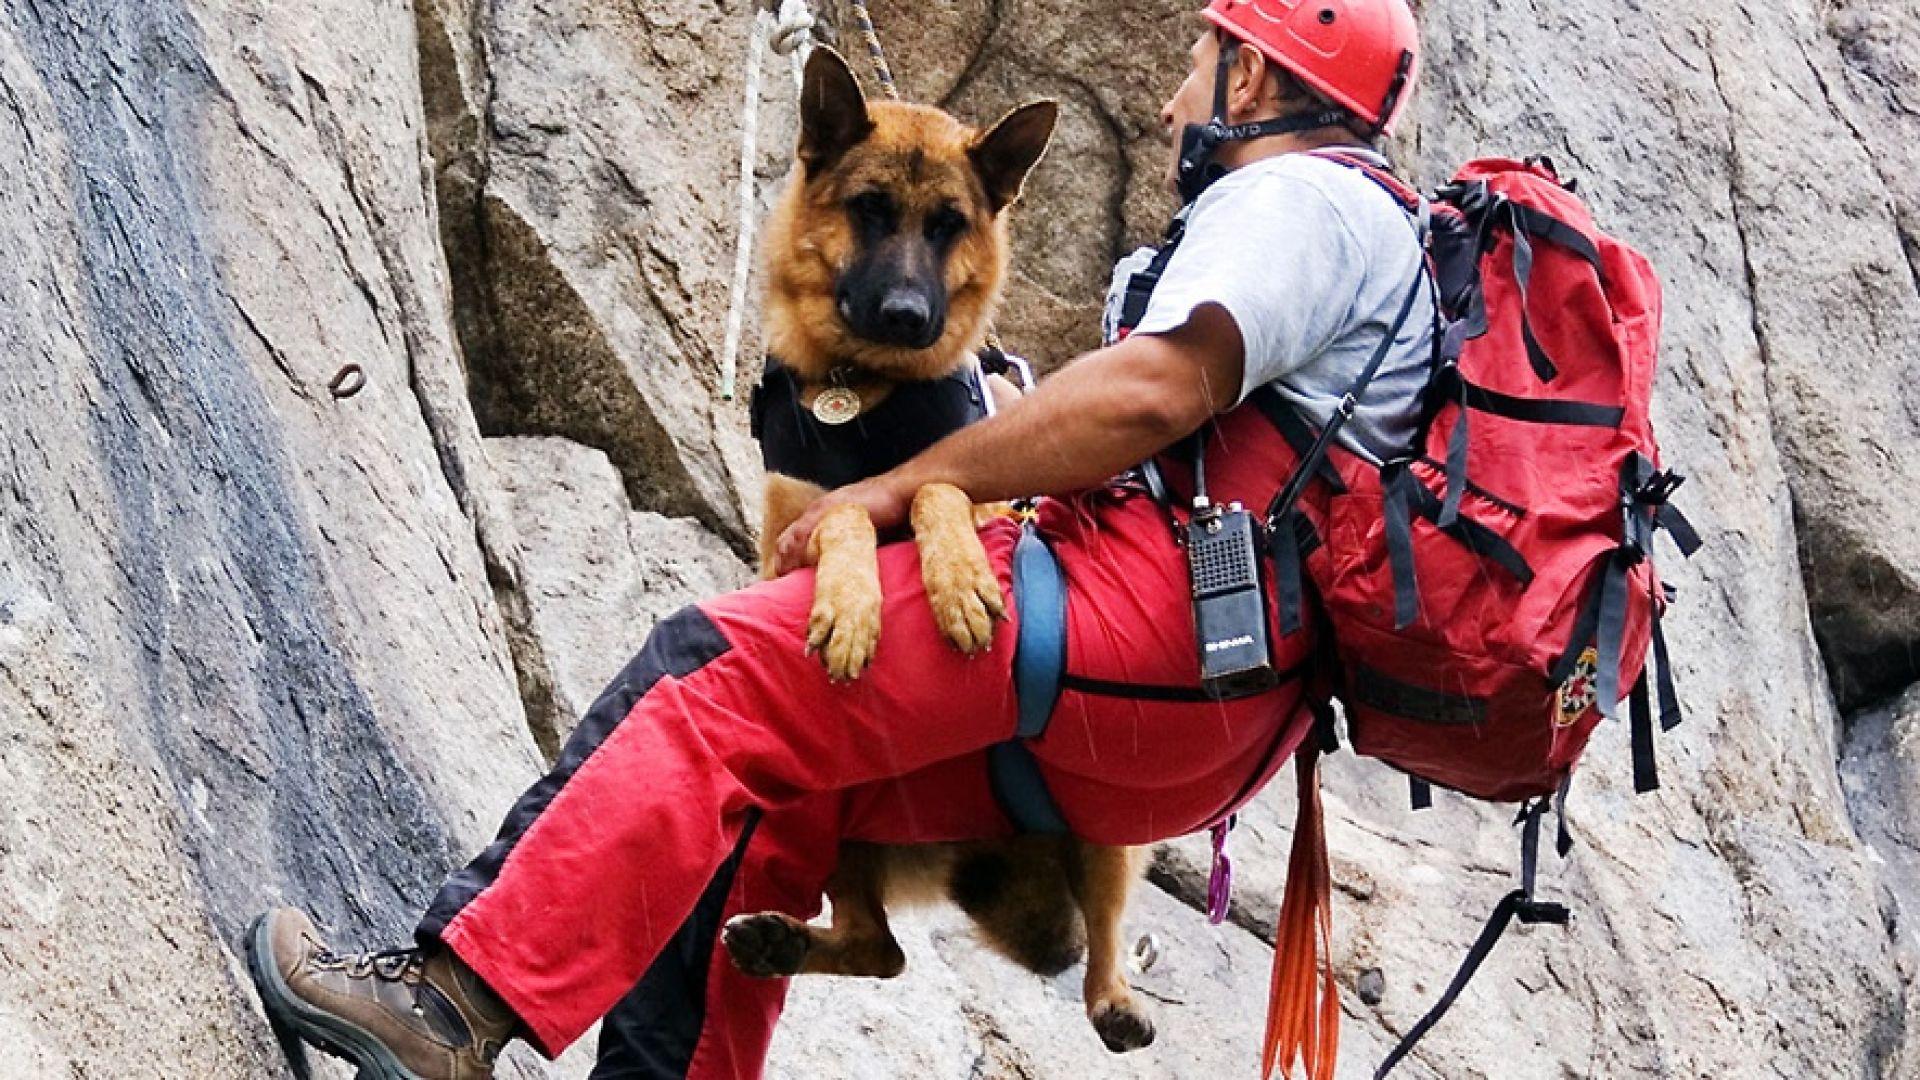 Планински спасители търсят подкрепа с дарителска кампания